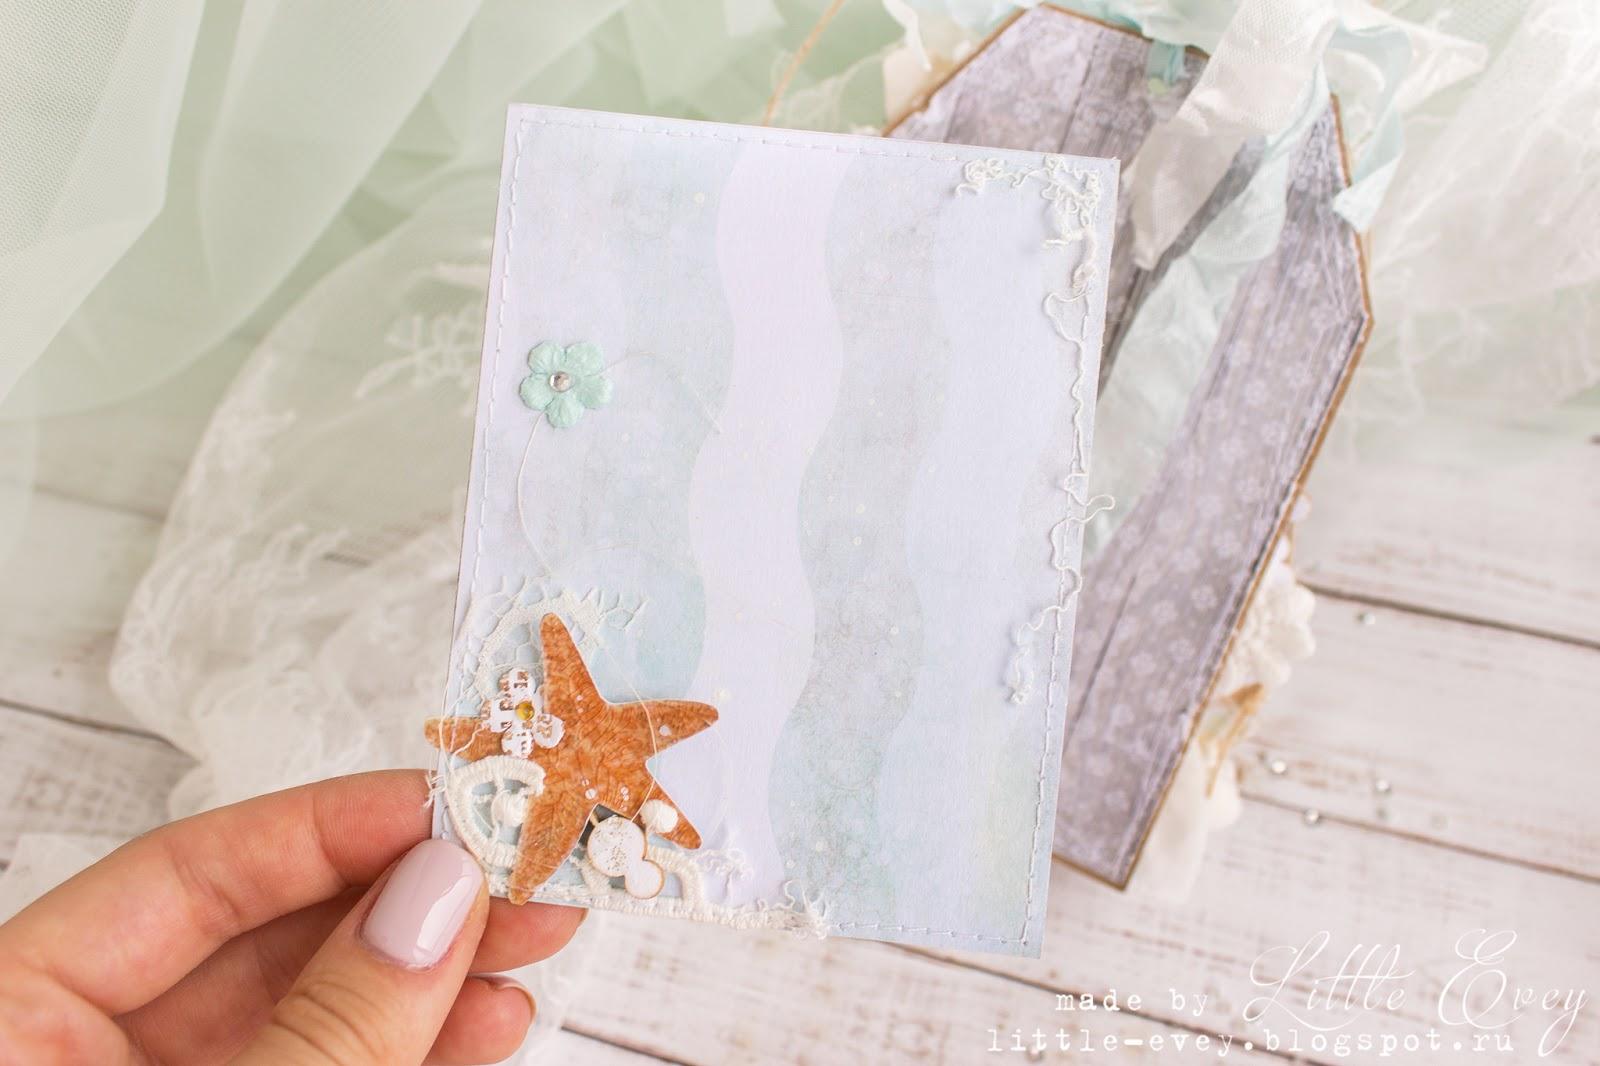 Волшебная открытка симферополь, поздравлениями лет совместной